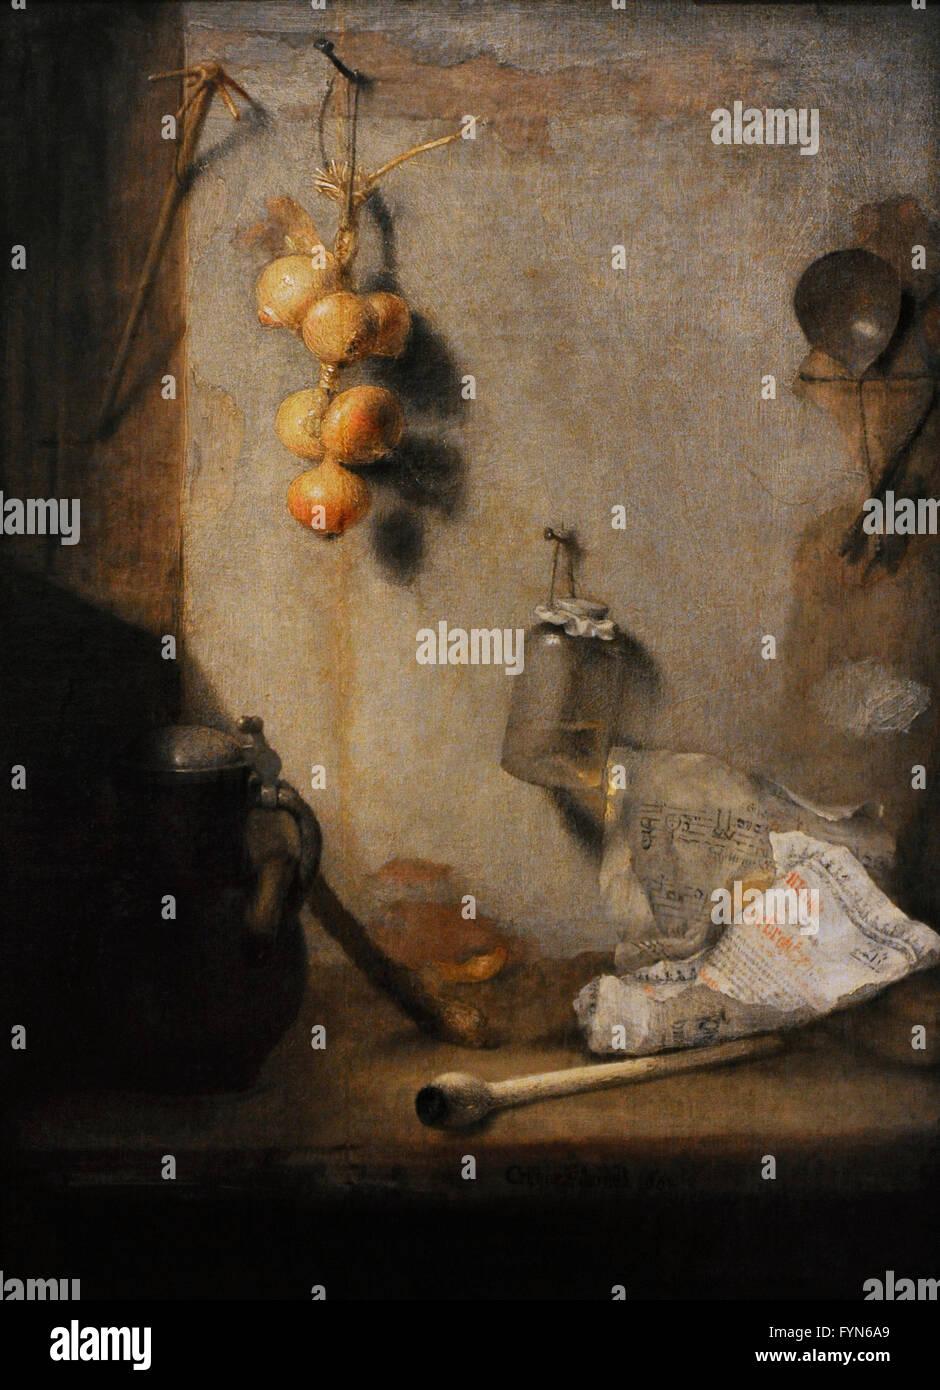 Christopher Paudiss (ca. 1618-1666). Peintre allemand. Still Life, 1660. Huile sur toile. Le Musée de l'Ermitage. Photo Stock